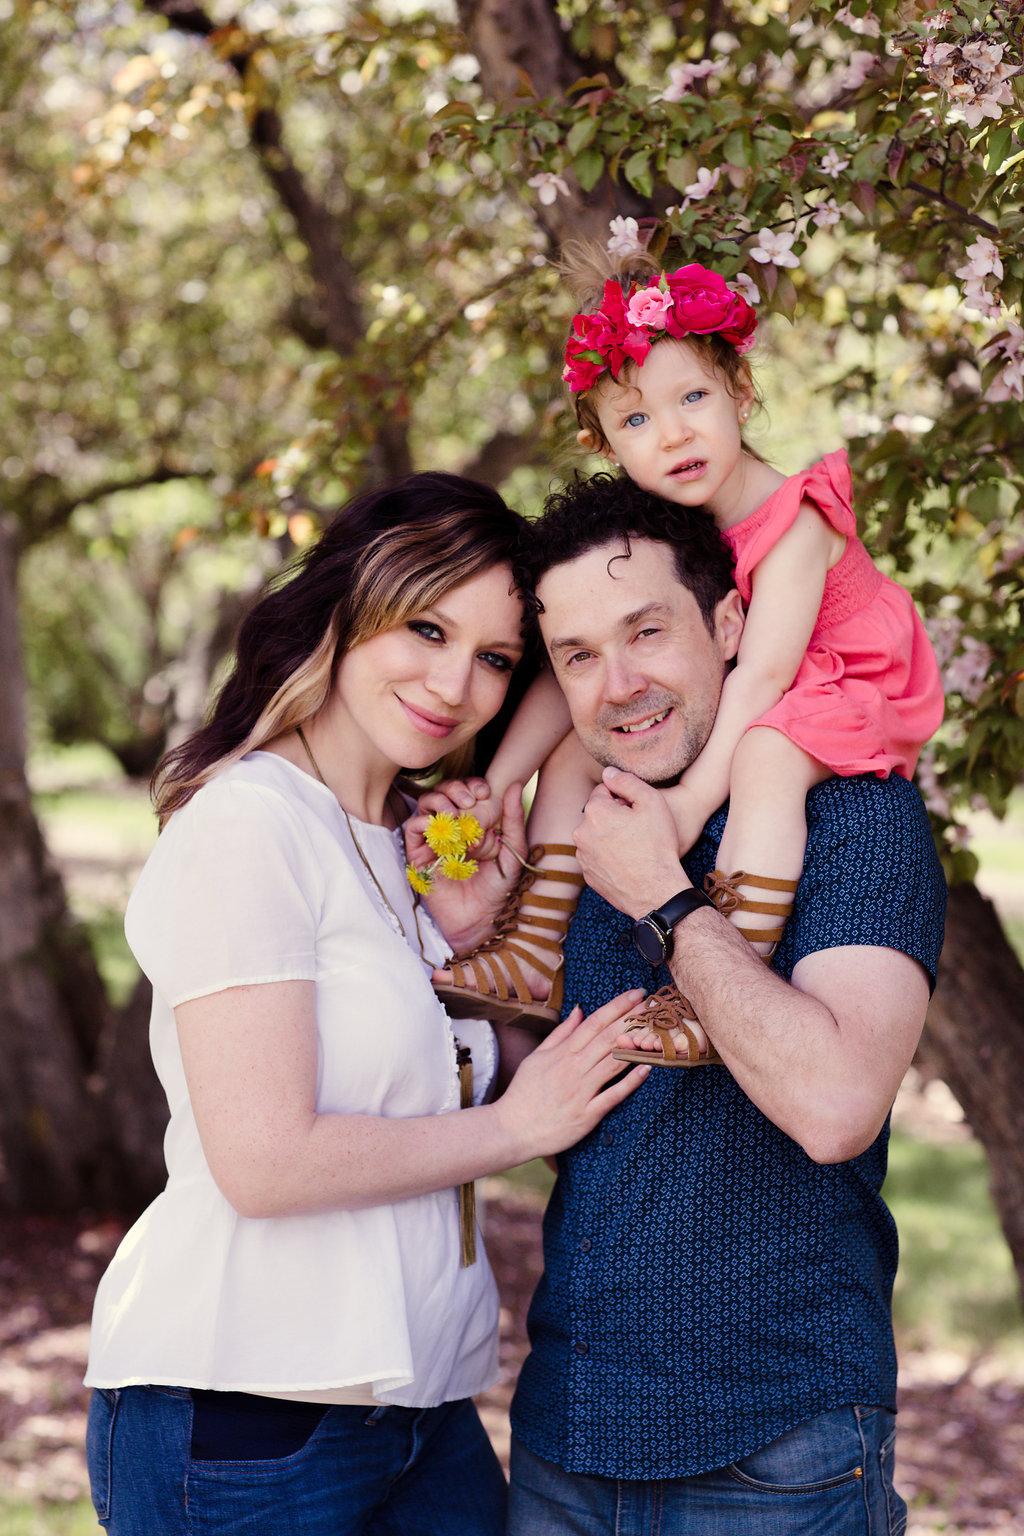 maygen kardash family(NRomanoff).jpg